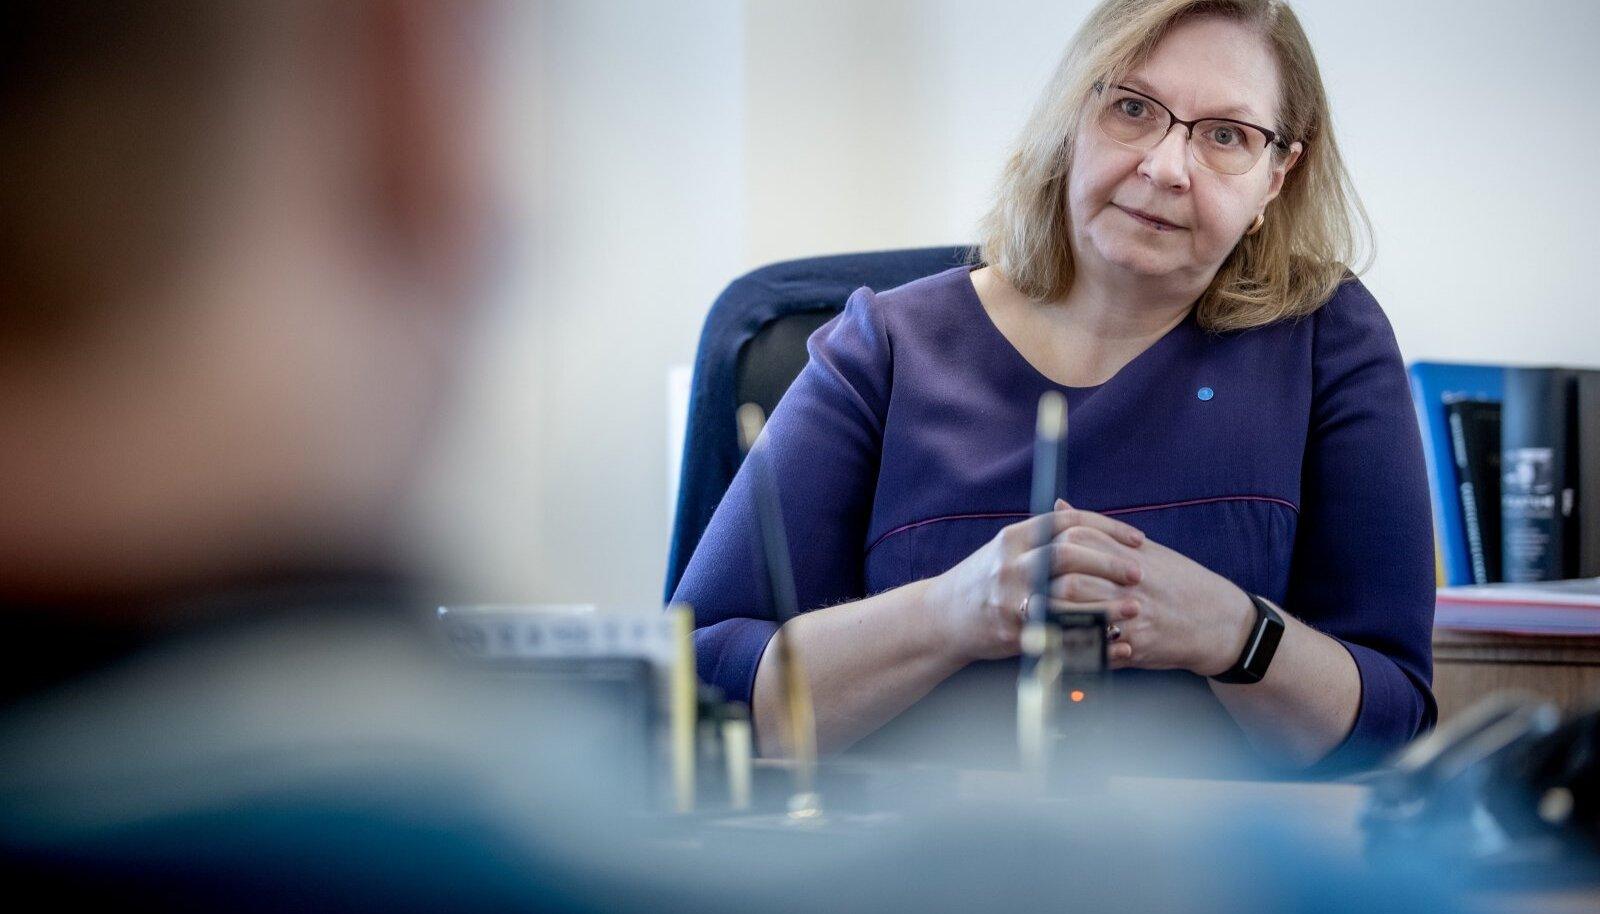 """""""Seksuaalse enesemääramise eapiiri tõstmise juures on mitmeid küsimusi, mis vajavad laiemat arutelu ja spetsialistide arvamust,"""" ütleb Maris Lauri."""